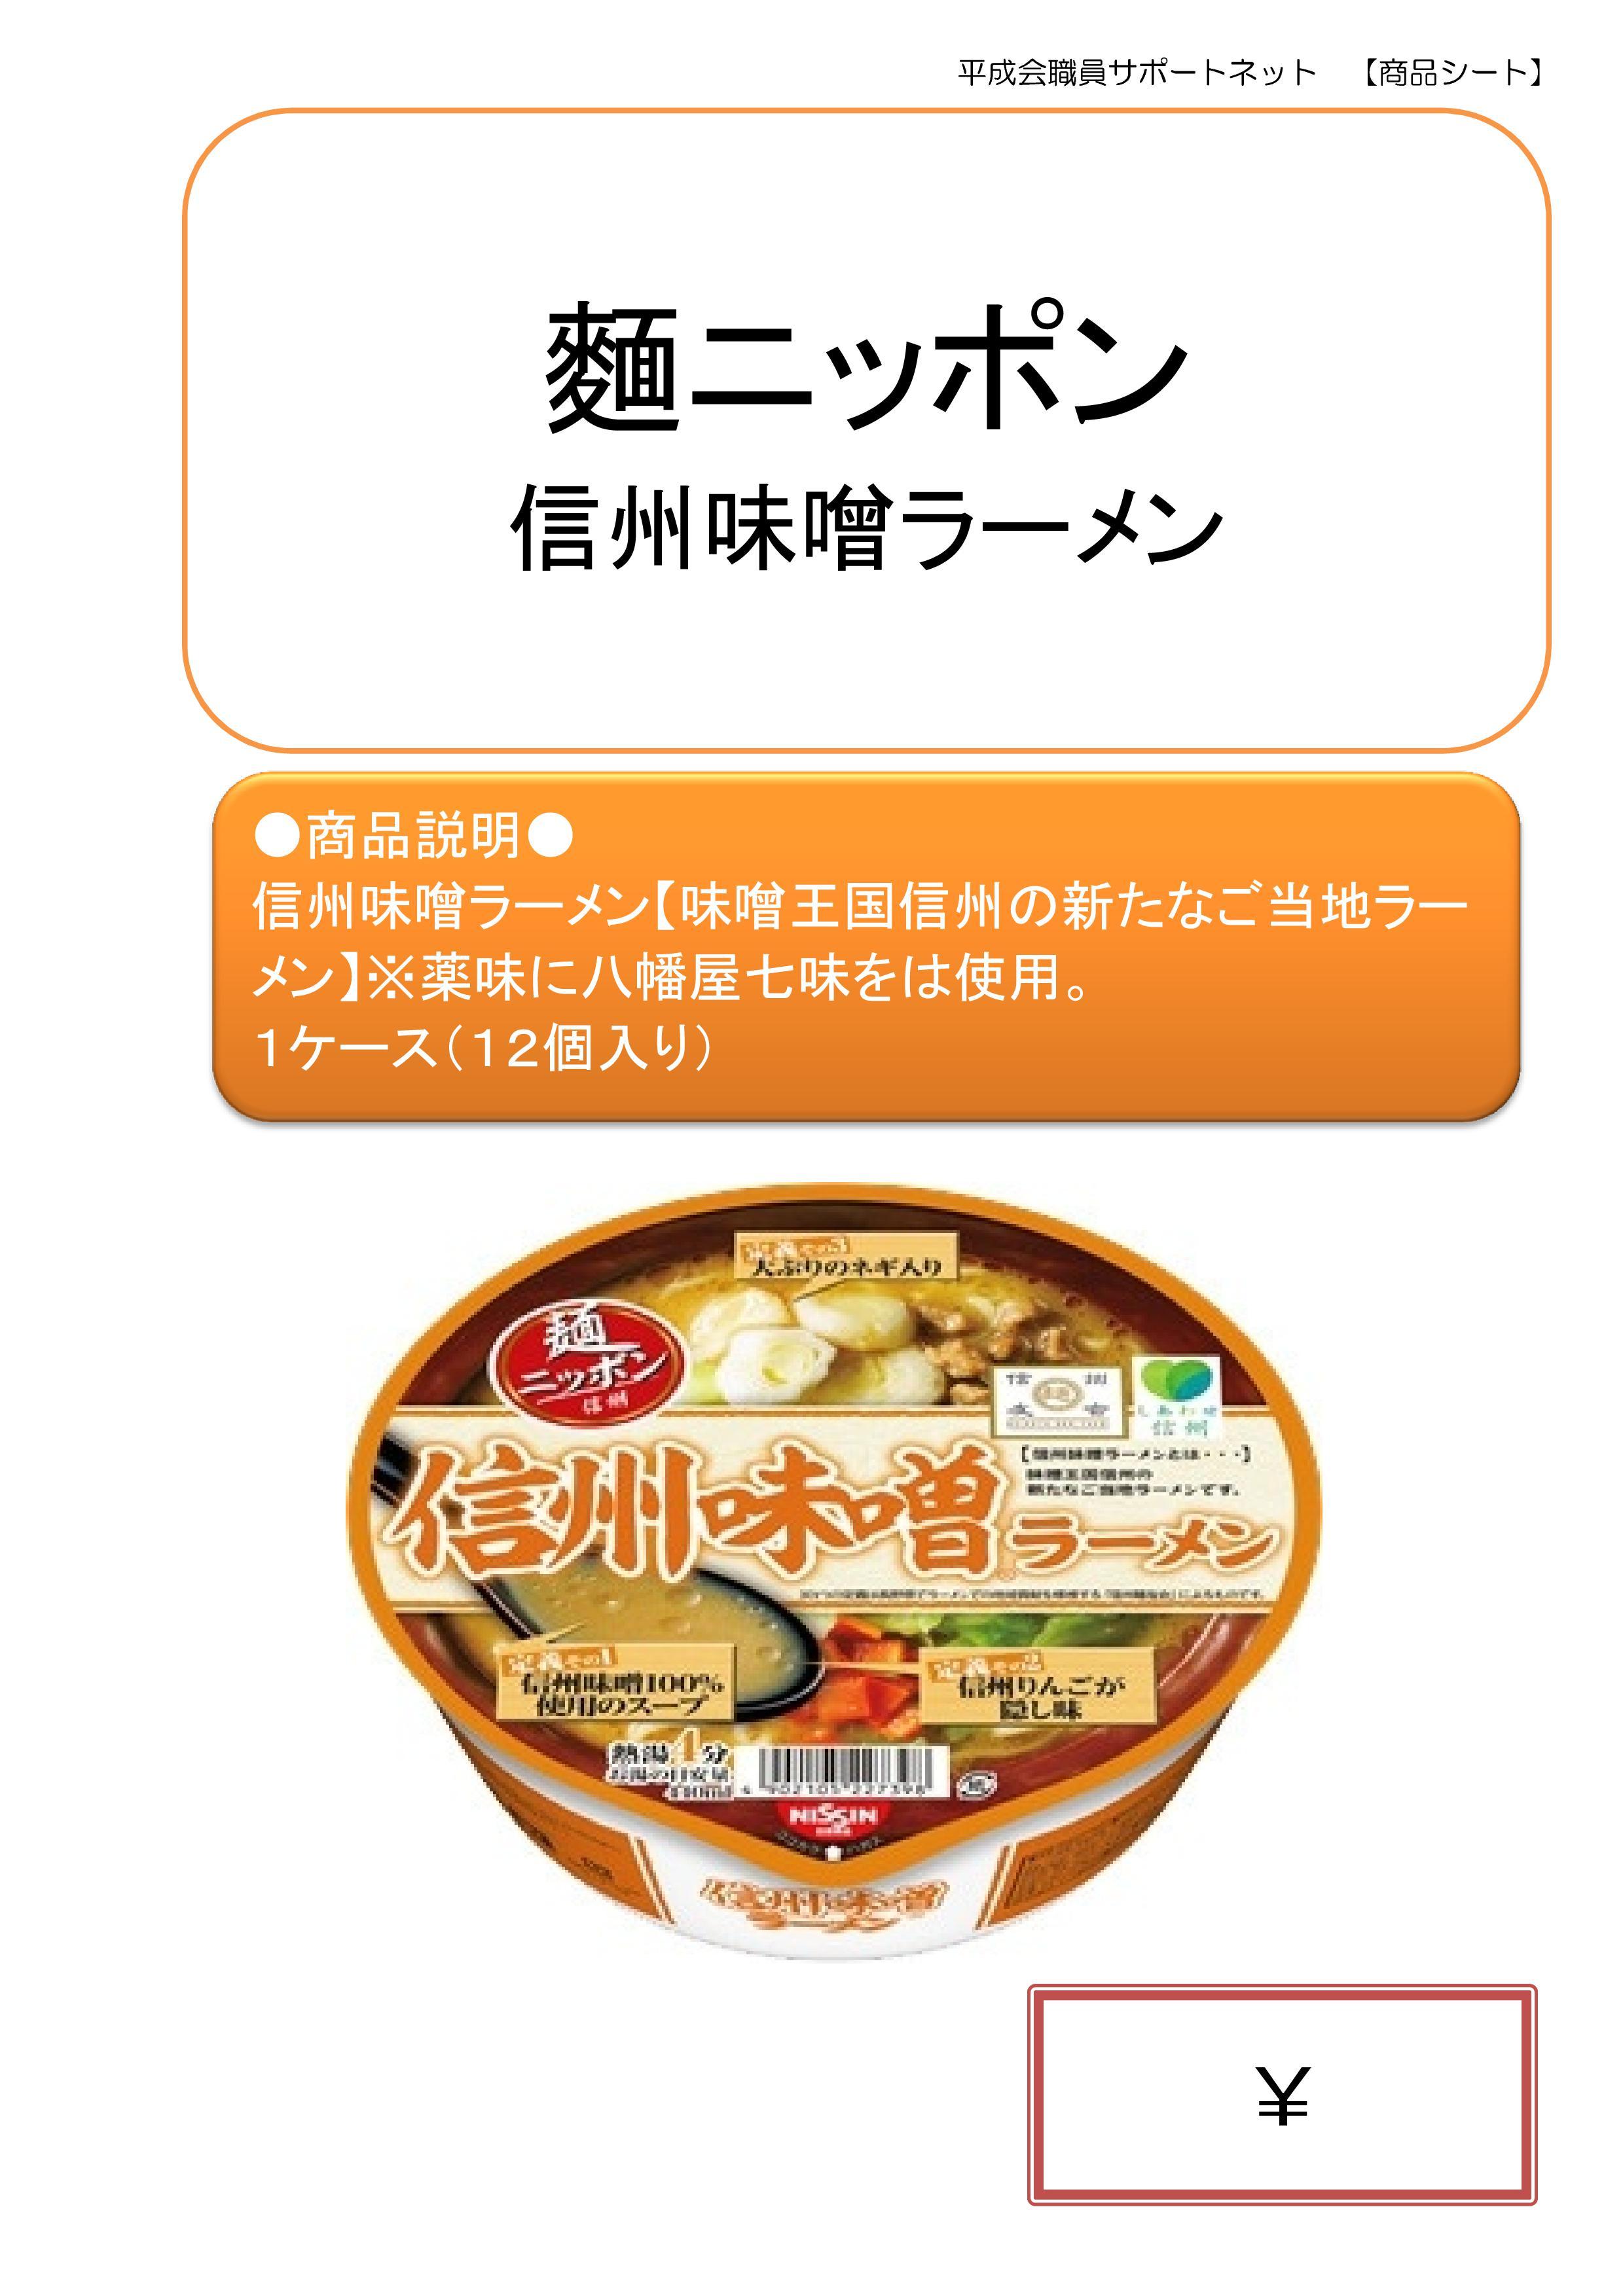 麺ニッポン信州味噌ラーメン